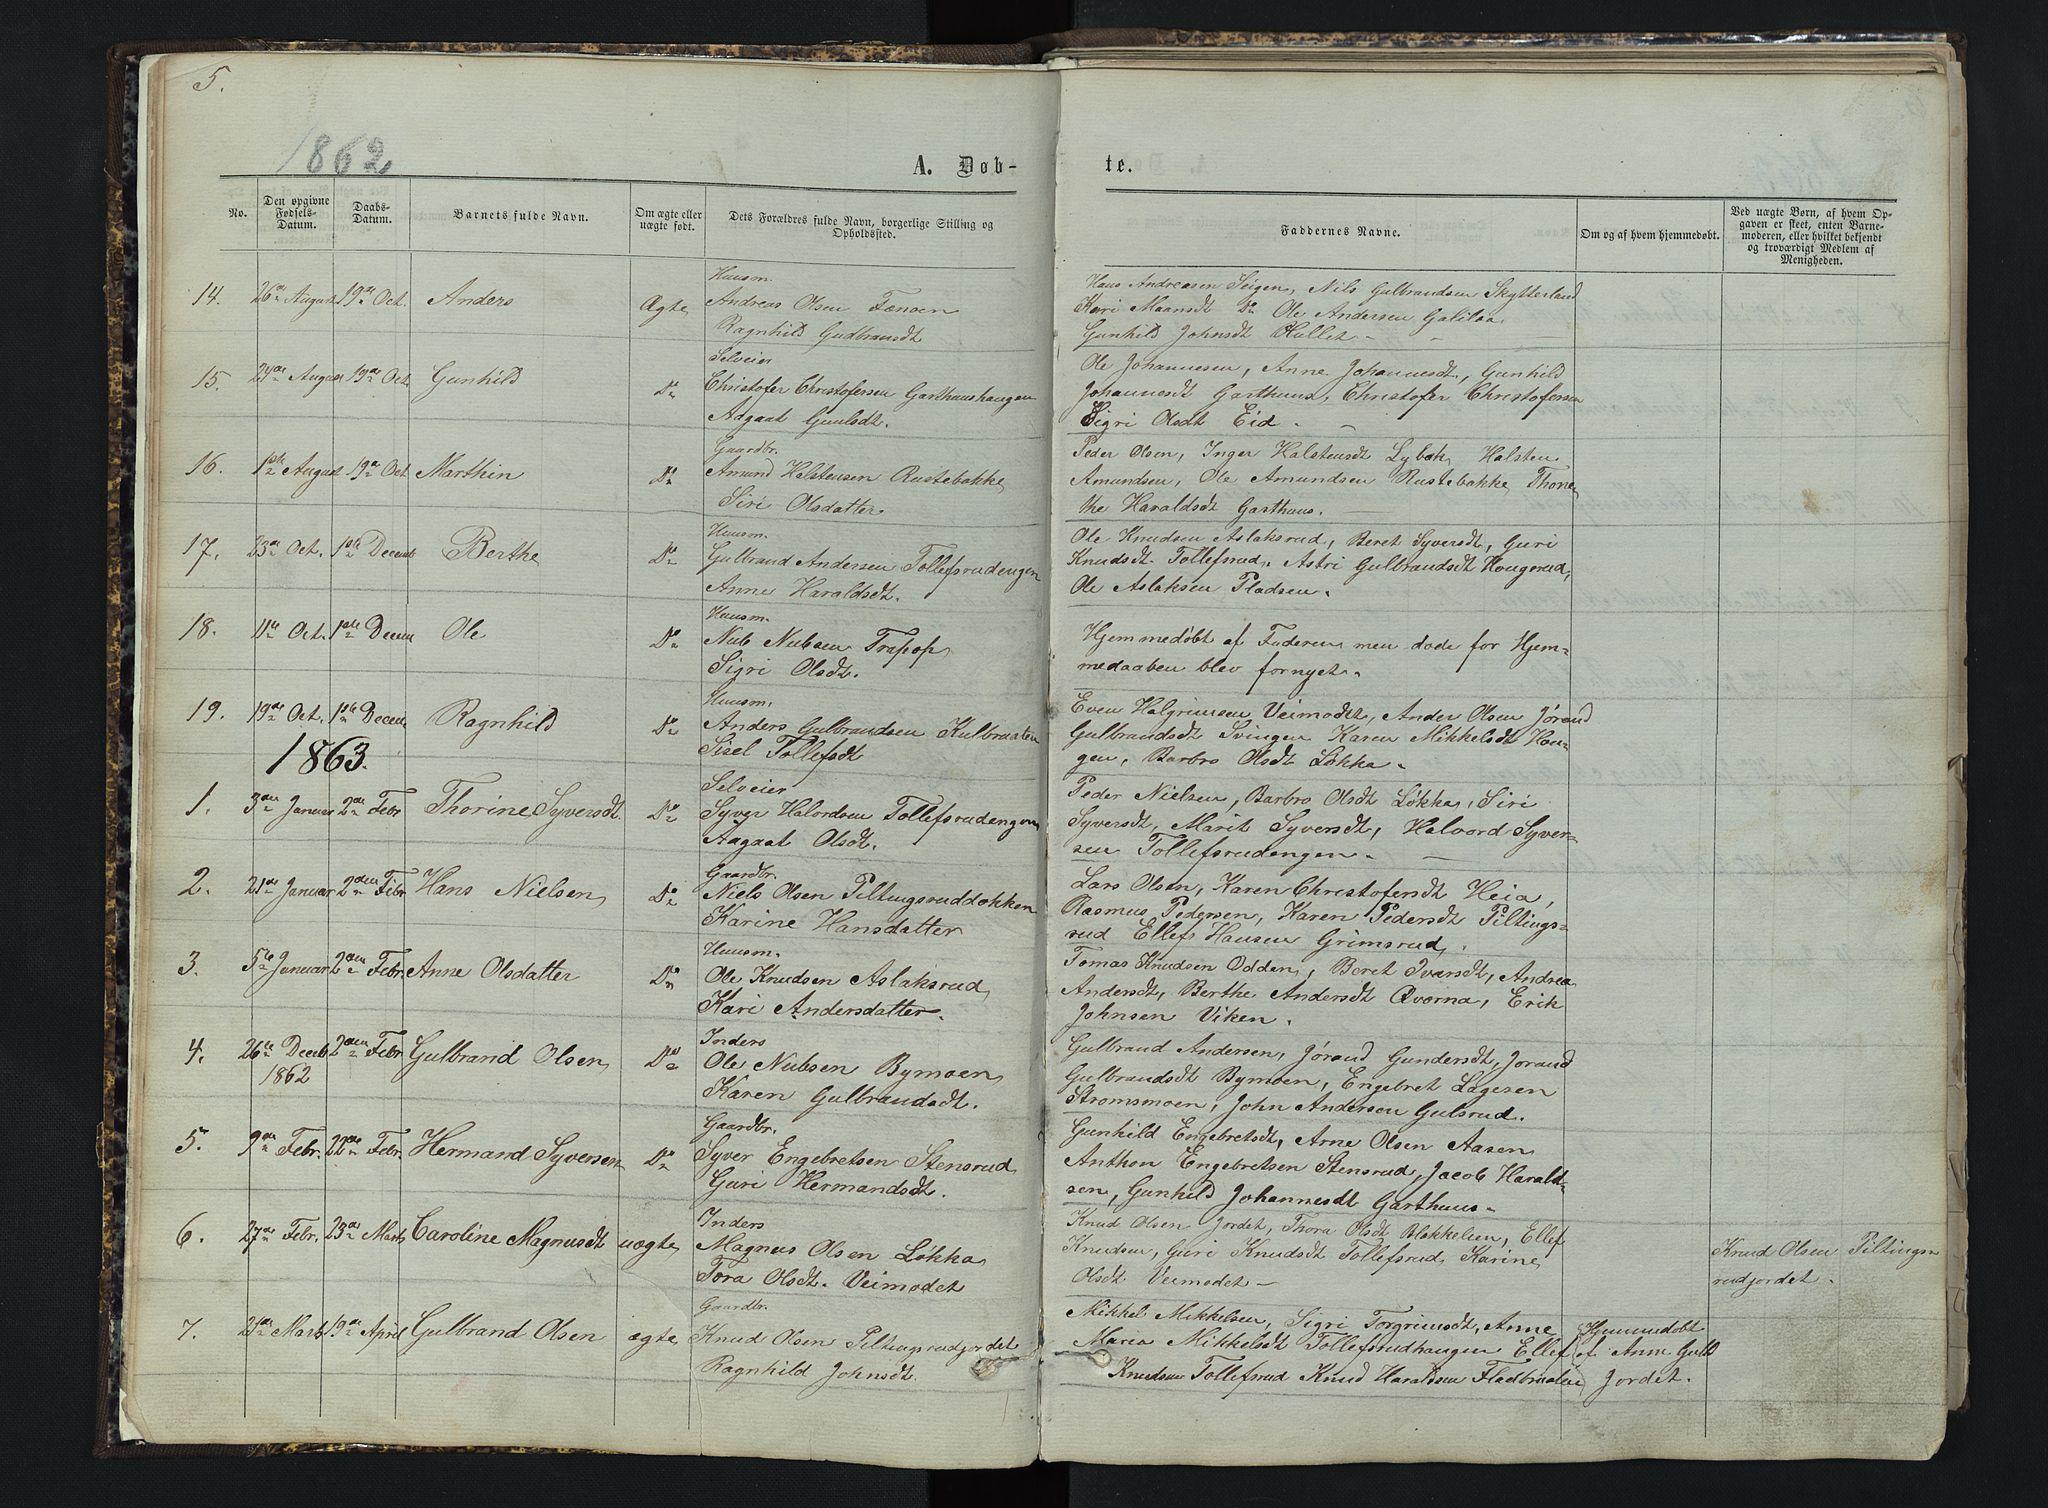 SAH, Sør-Aurdal prestekontor, Klokkerbok nr. 3, 1862-1893, s. 5